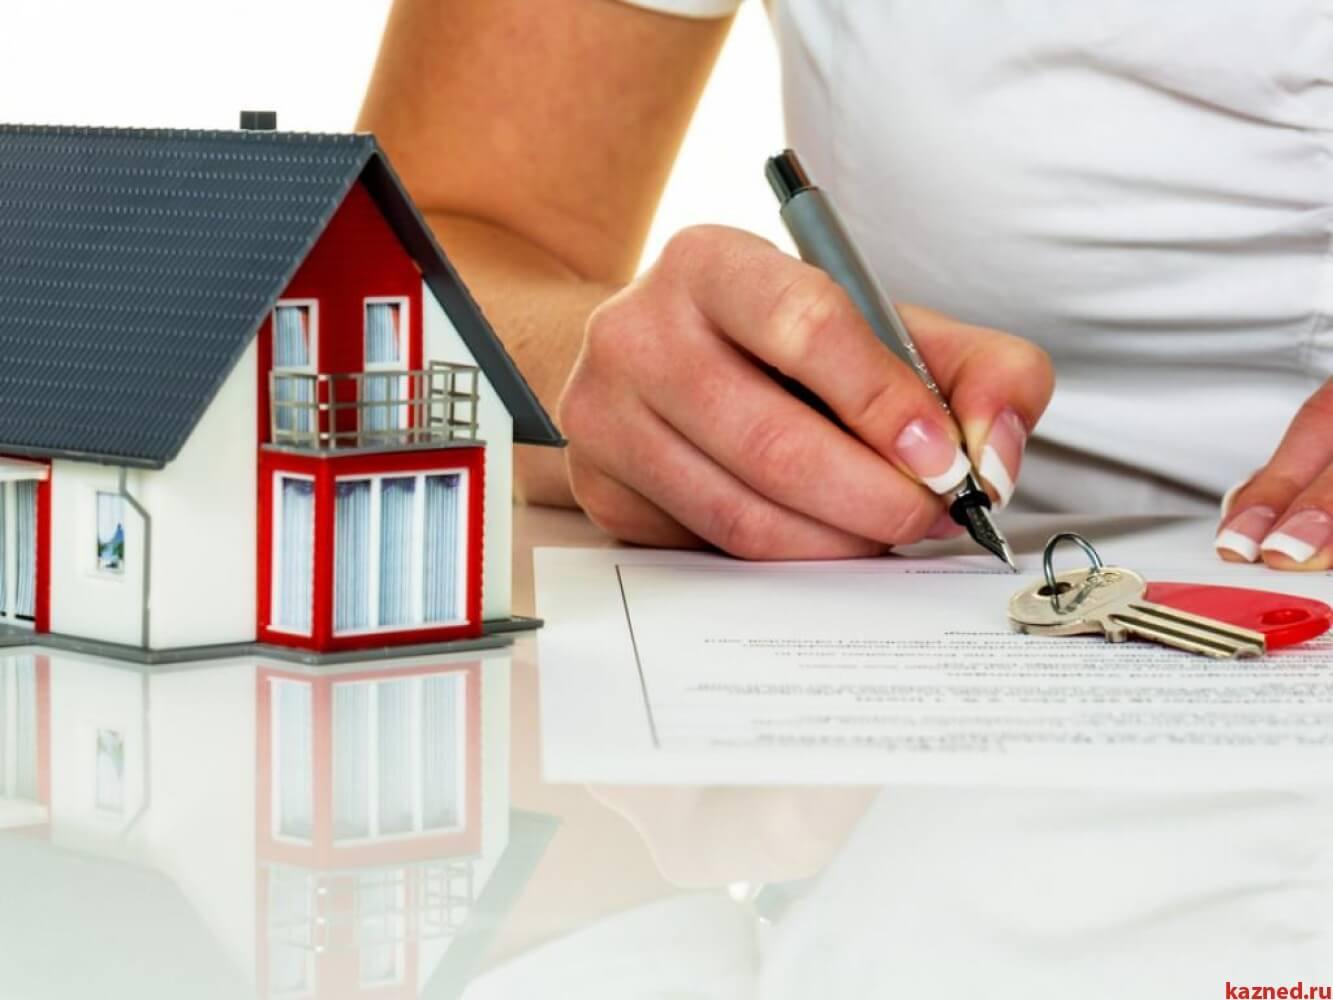 мгновение сроки регистрация сделки с недвижимостью быть могло: